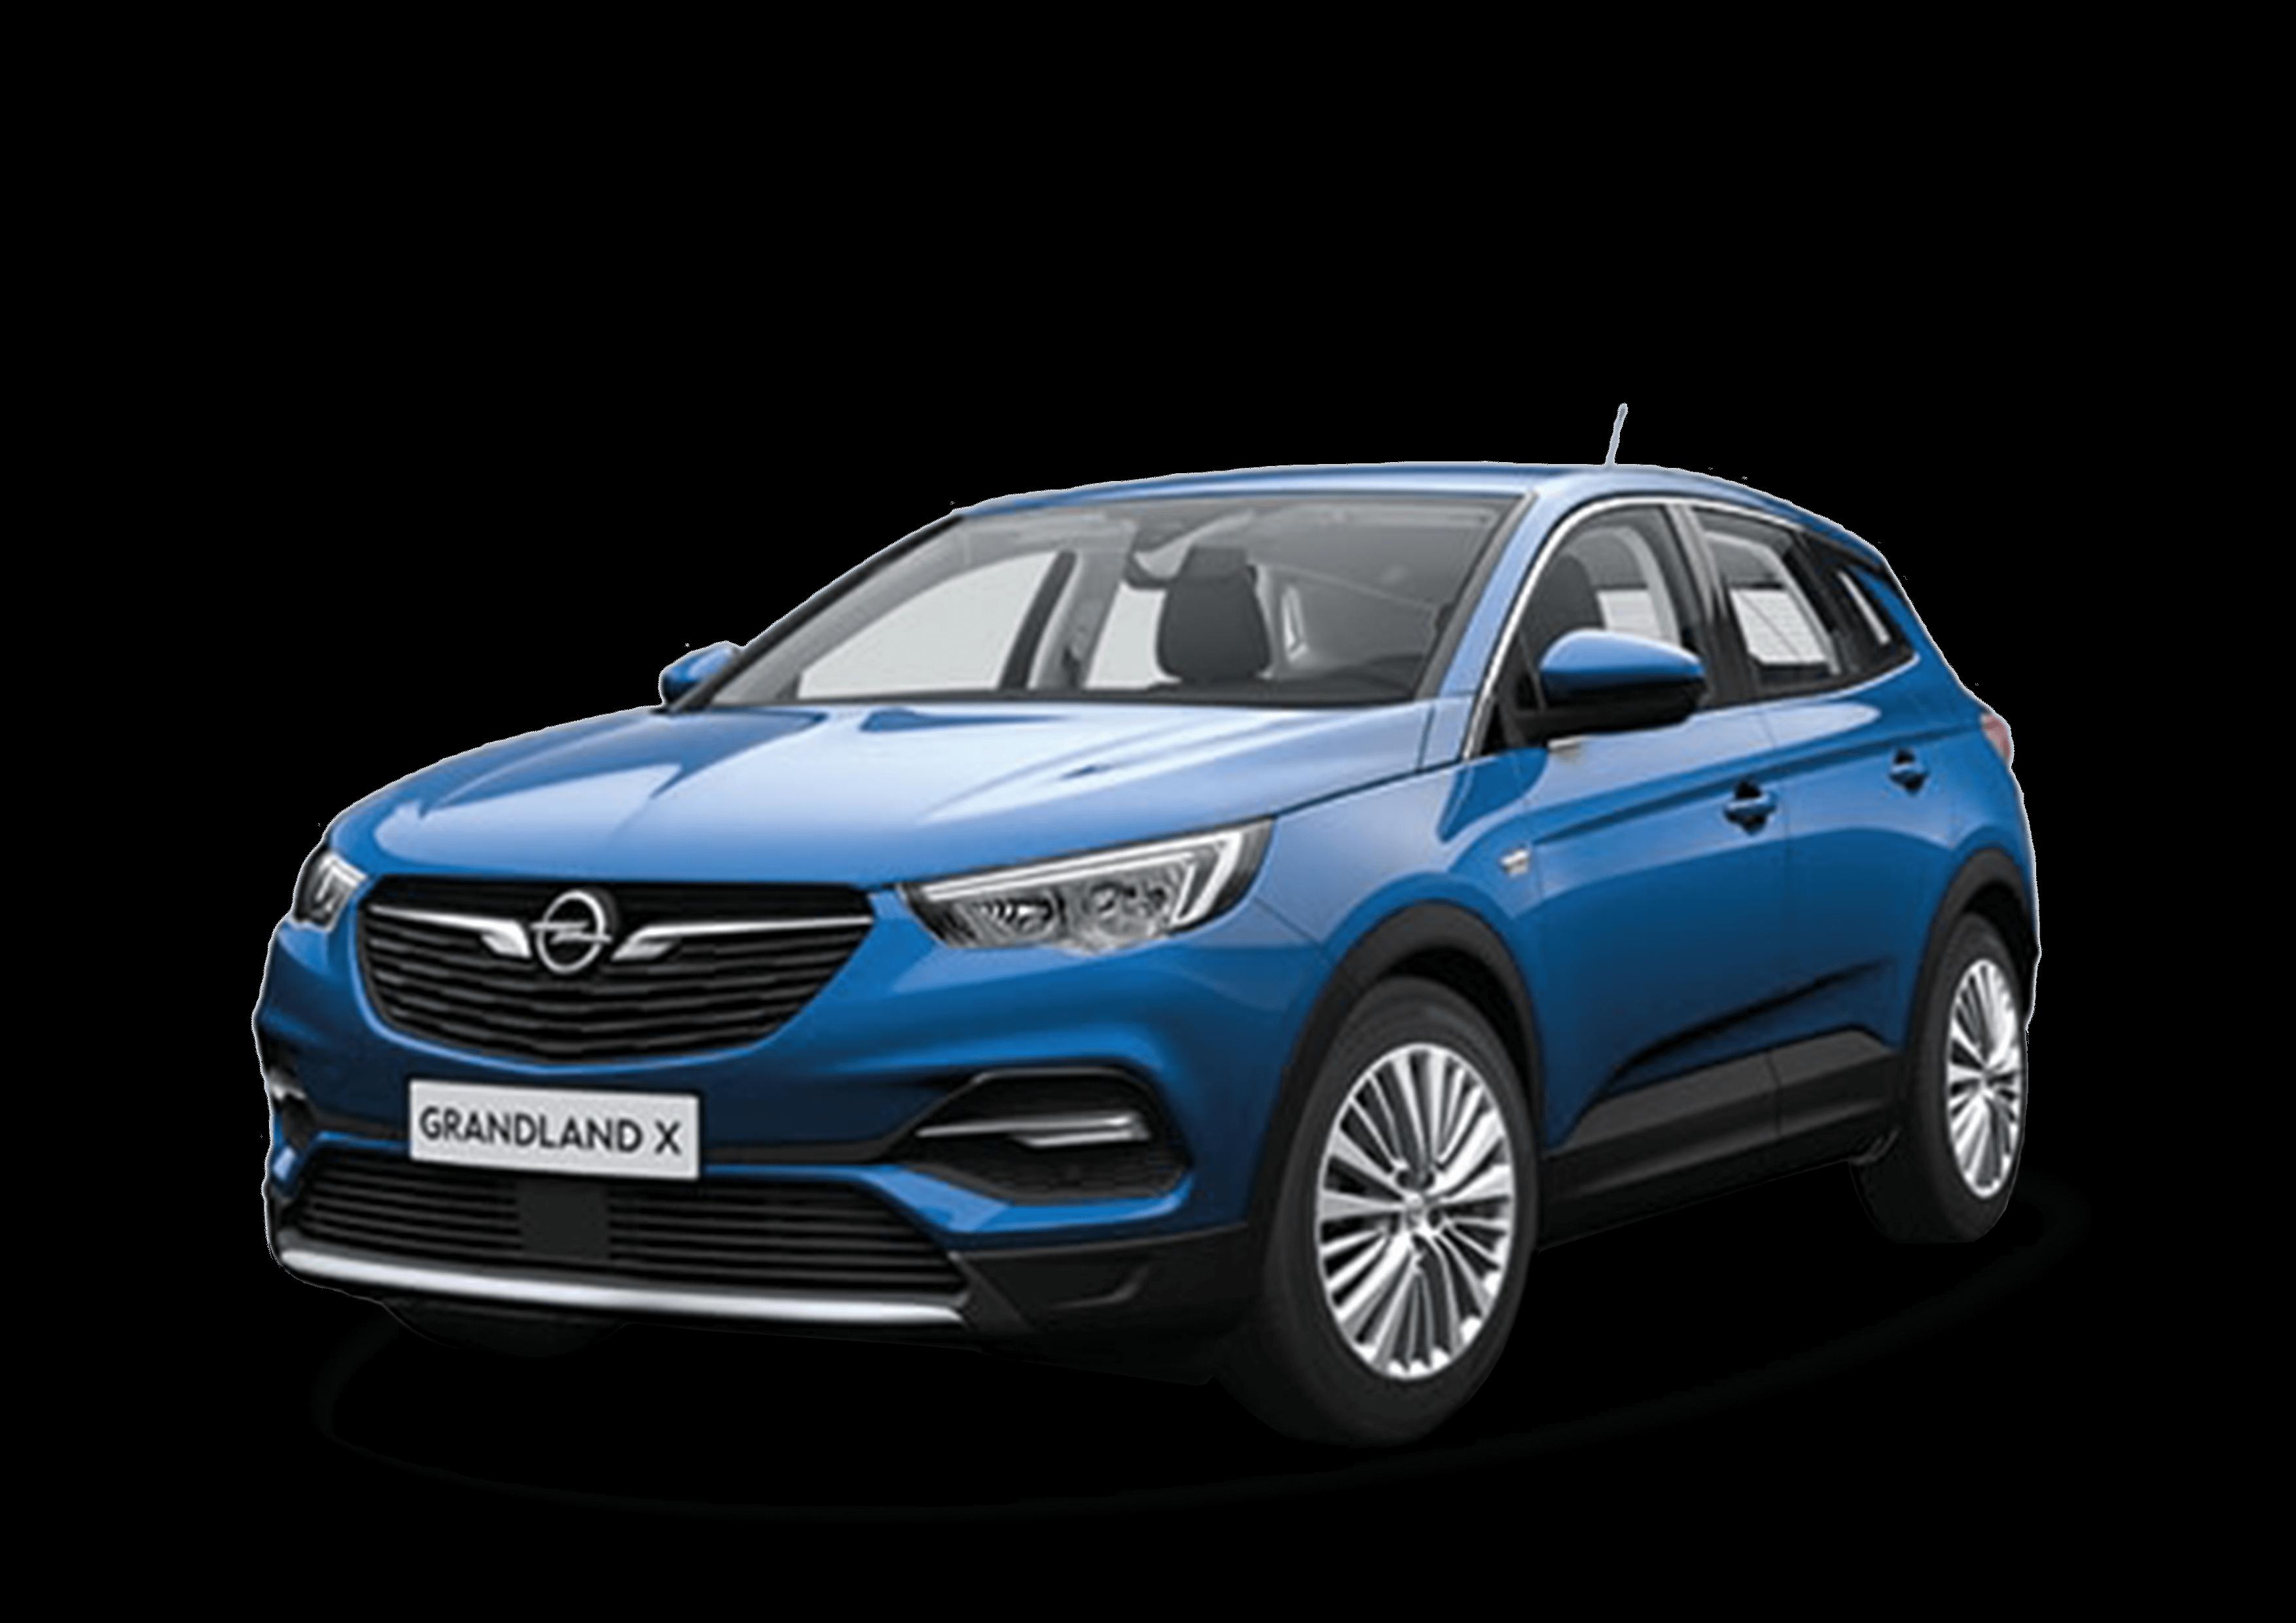 Zdjęcie samochodu Opel Grandland X SUV